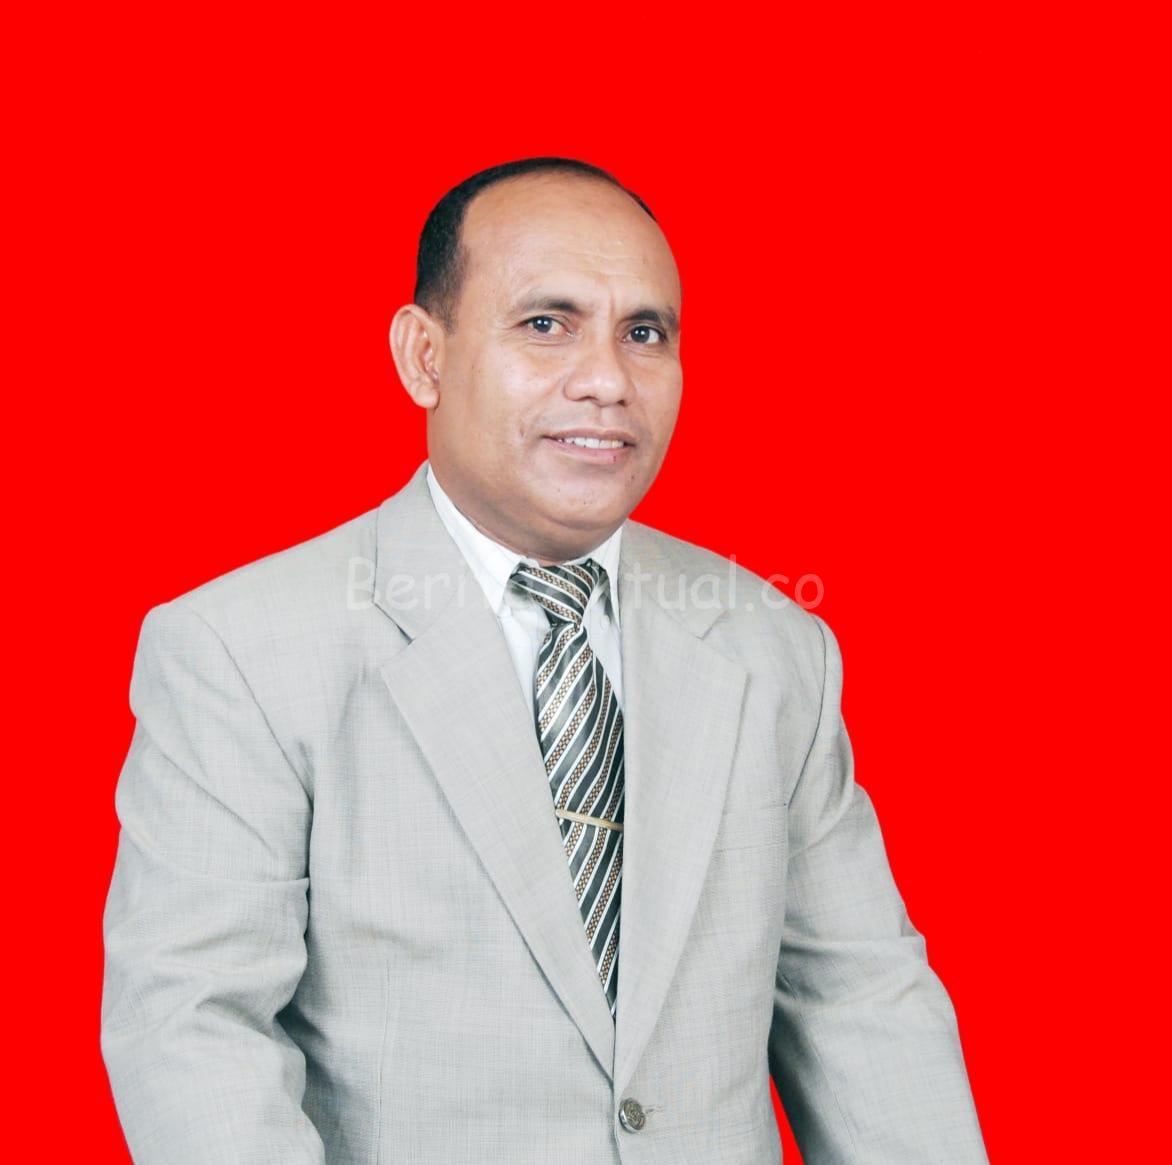 Sanusi Rahaningmas Harap TNI Ikut Turun Tangan Atasi Pencurian Dan Begal di Papua Barat 1 20200424 150923